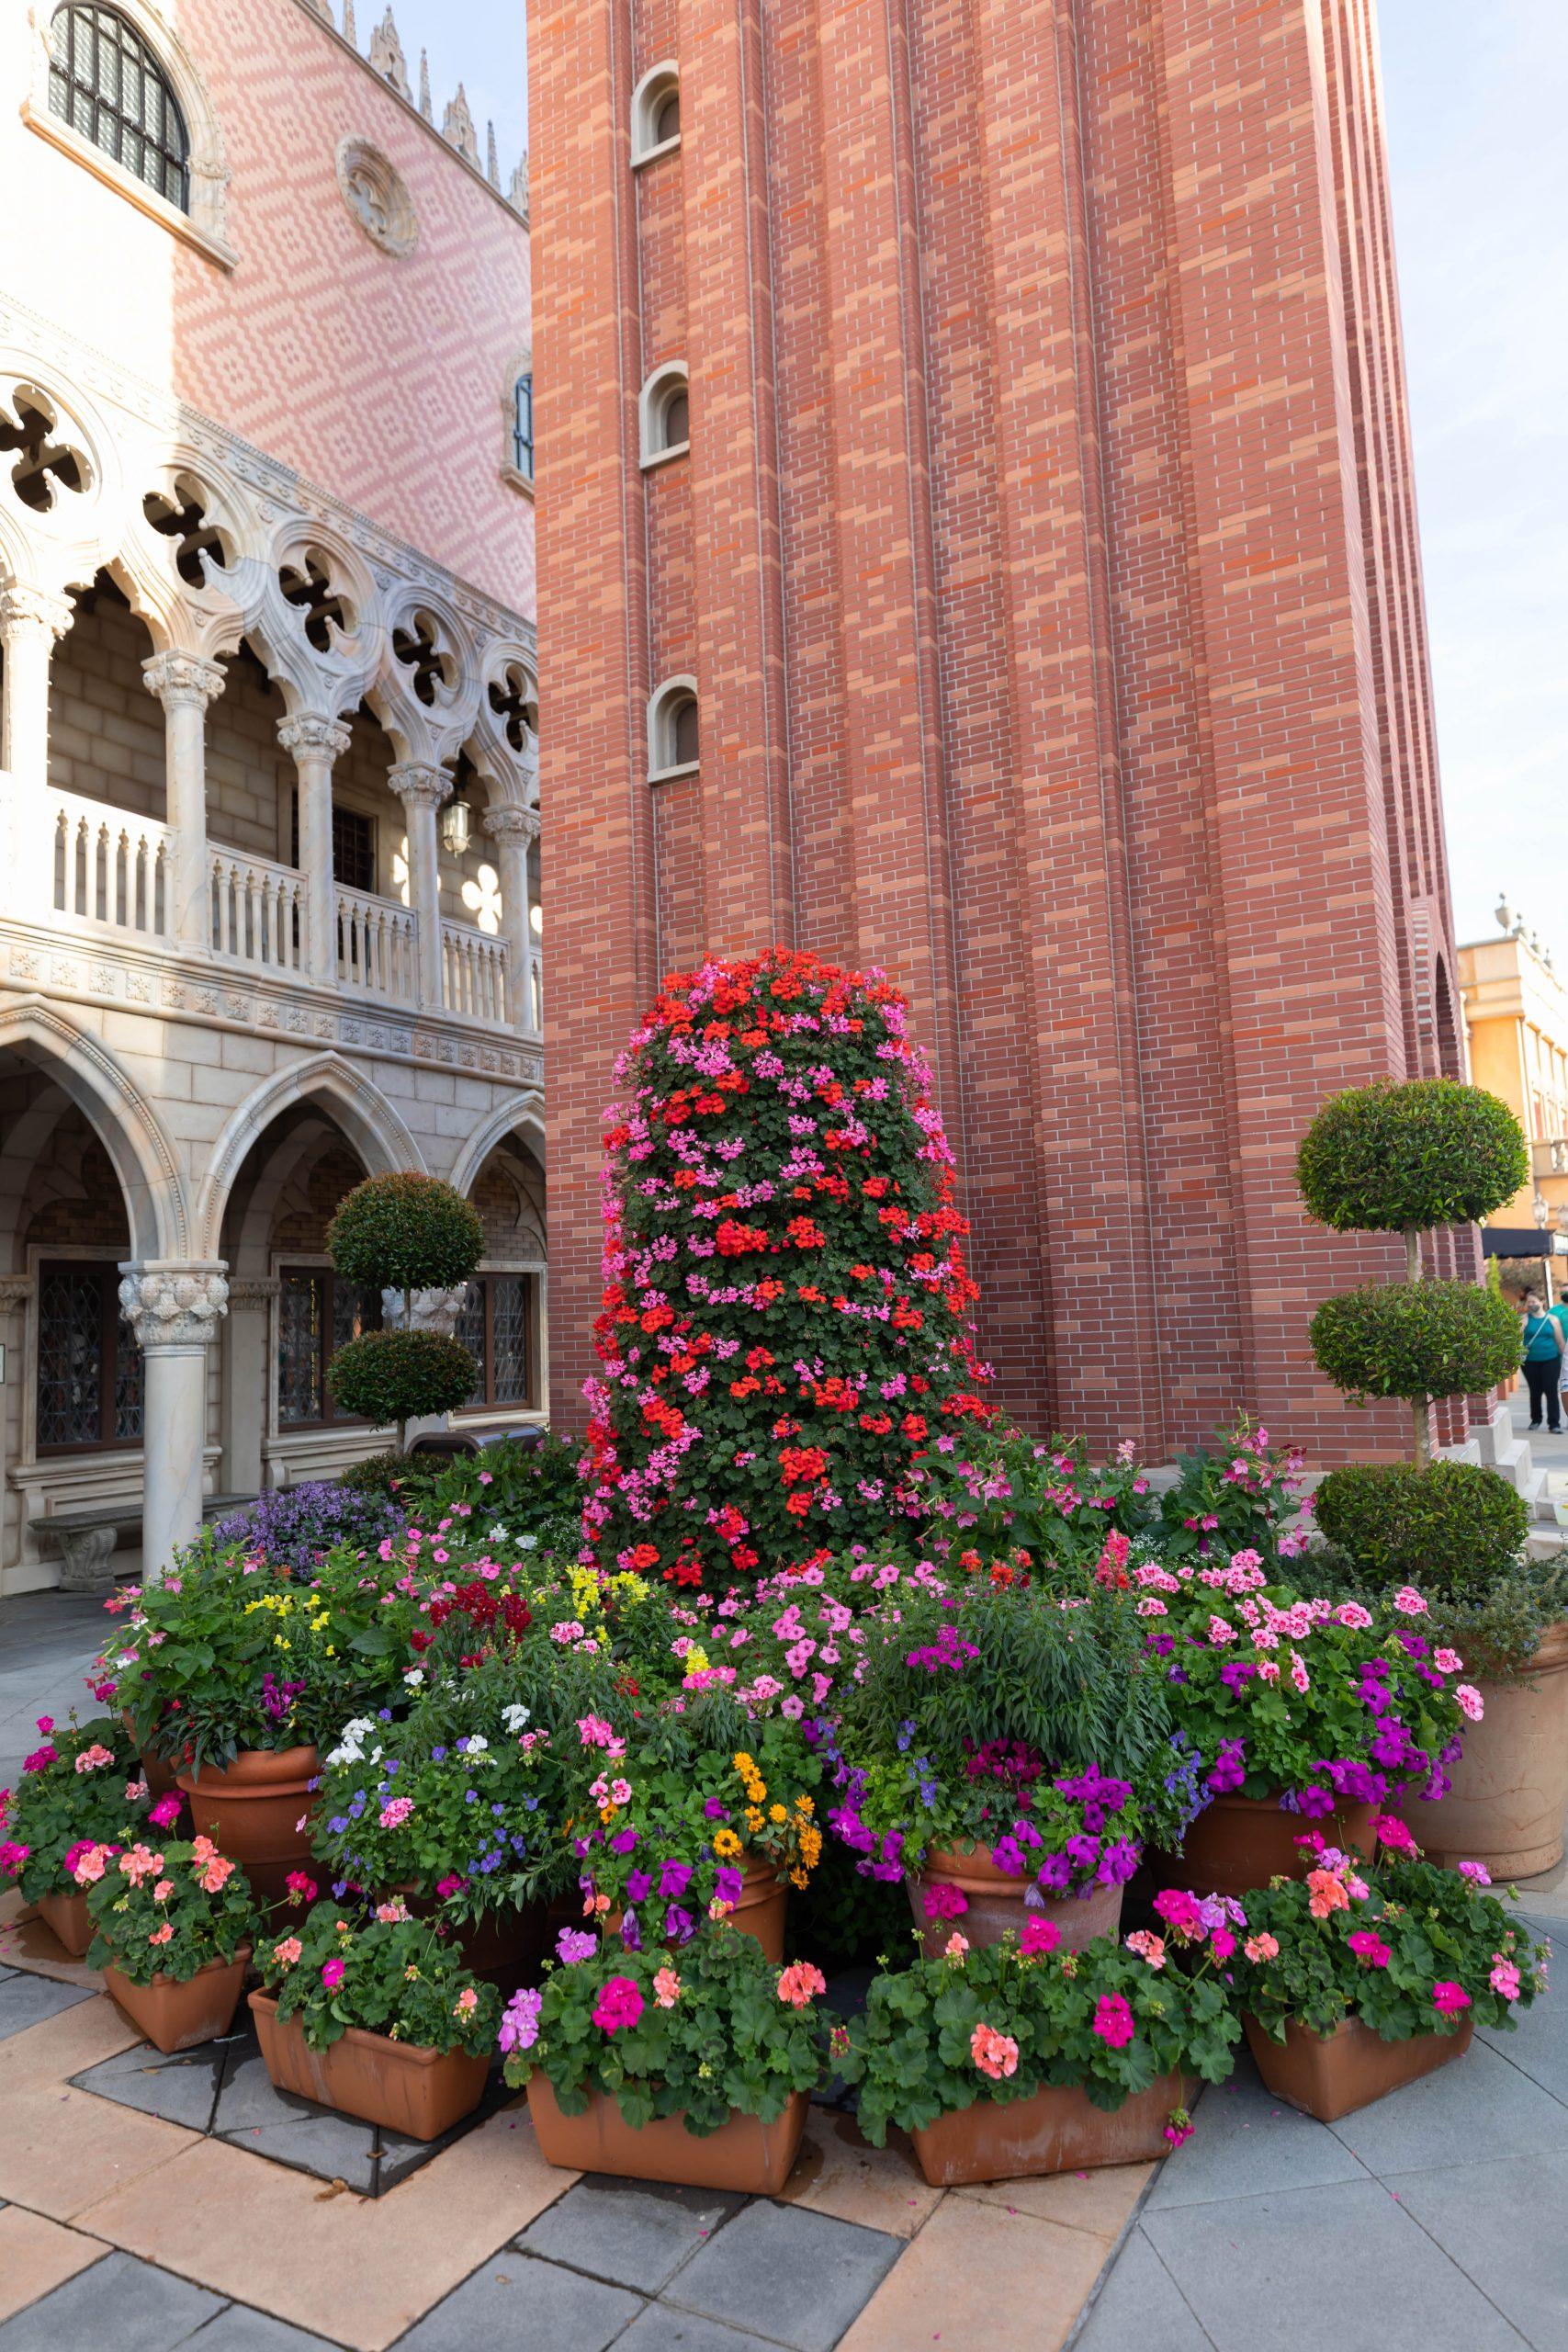 Italy at Epcot World Showcase Epcot International Flower & Garden Festival by Annie Fairfax